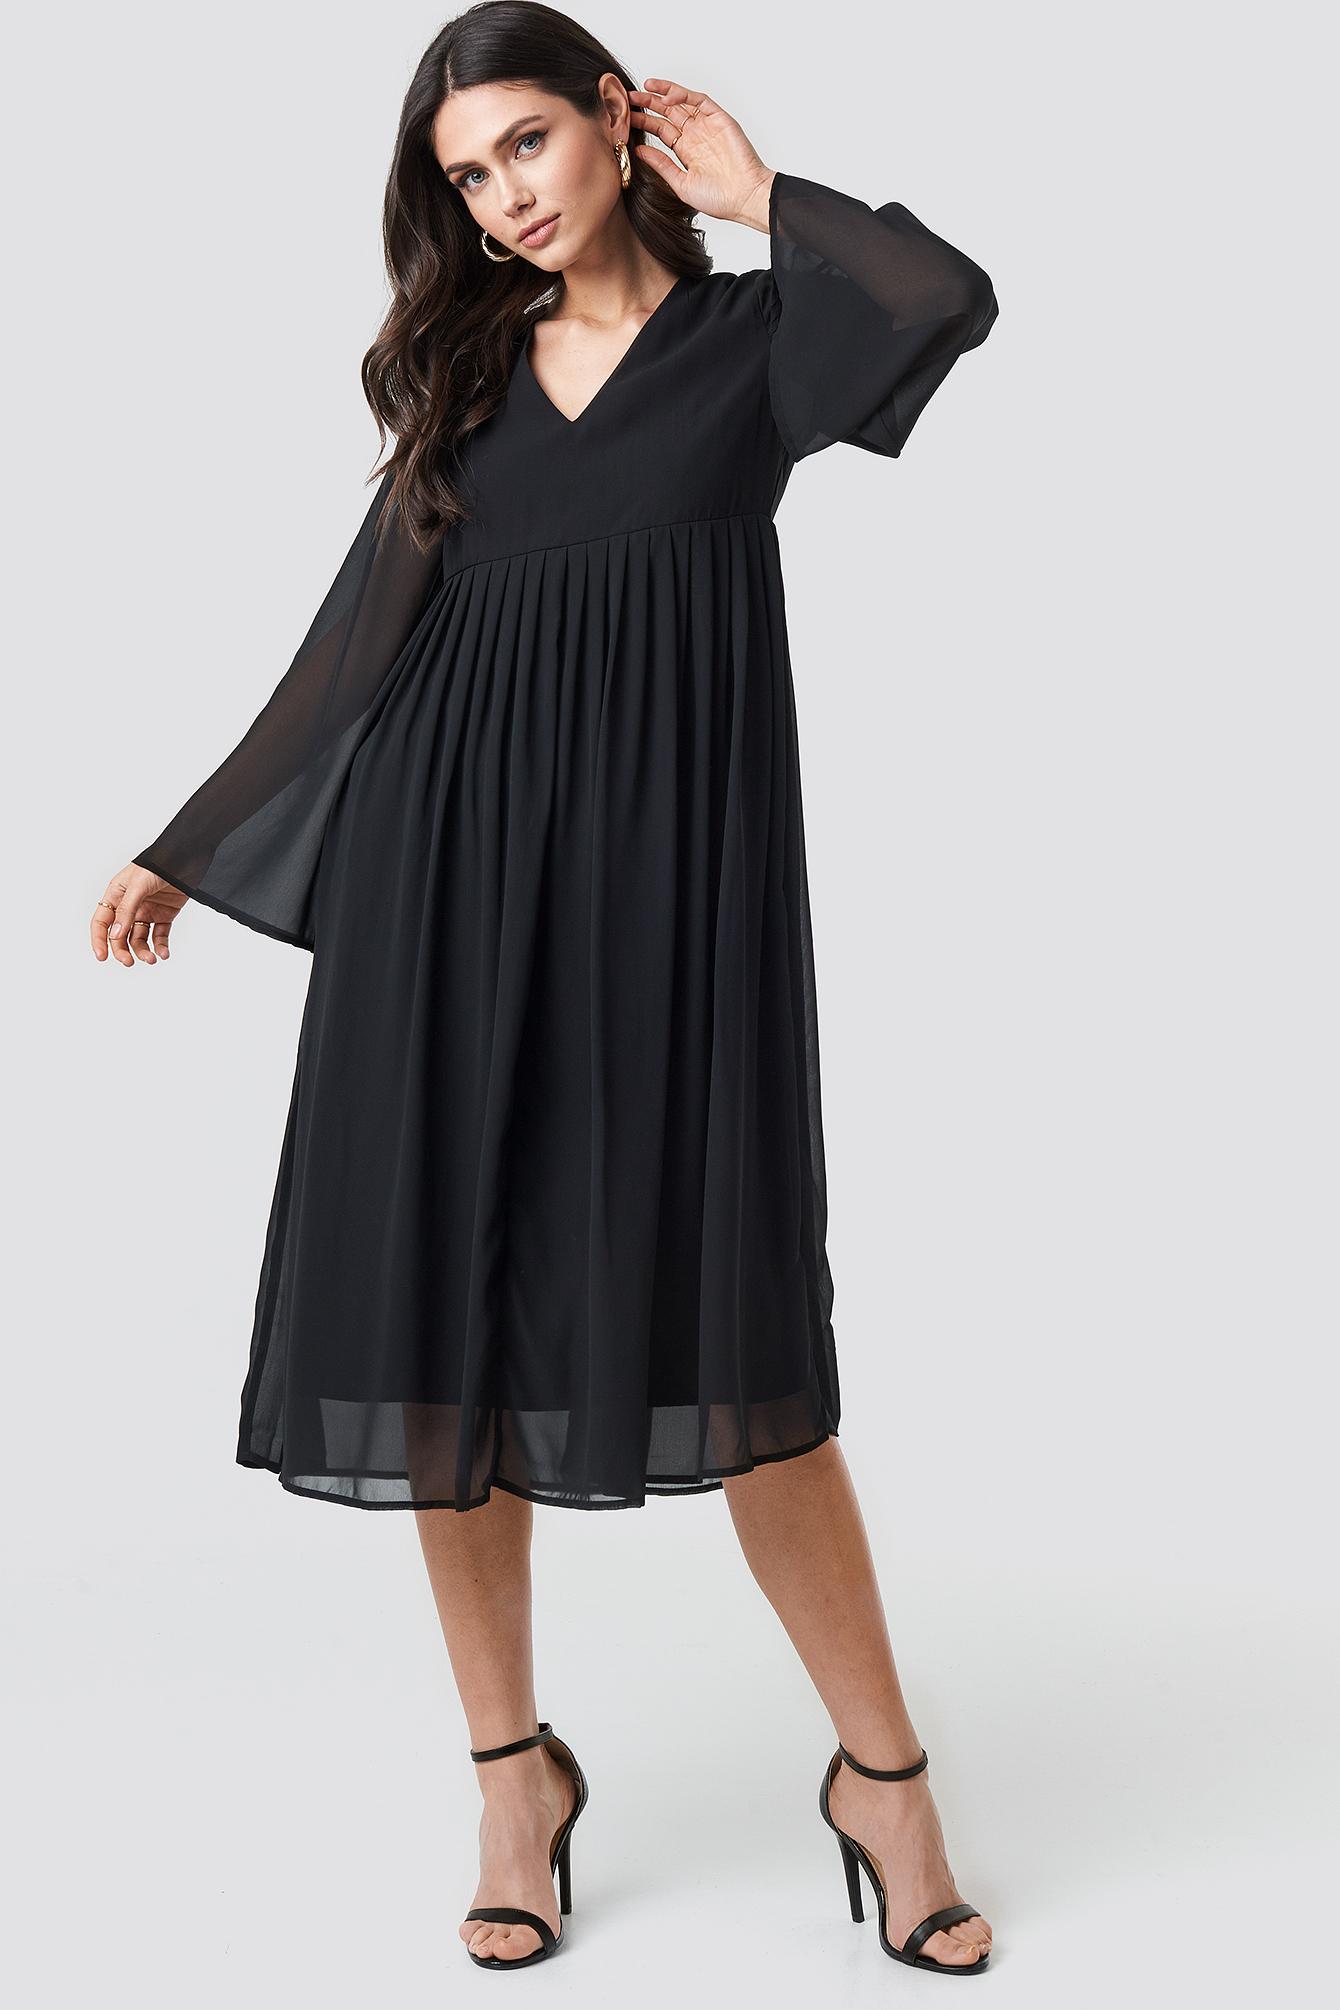 Wide Sleeve Flowy Chiffon Dress NA-KD.COM